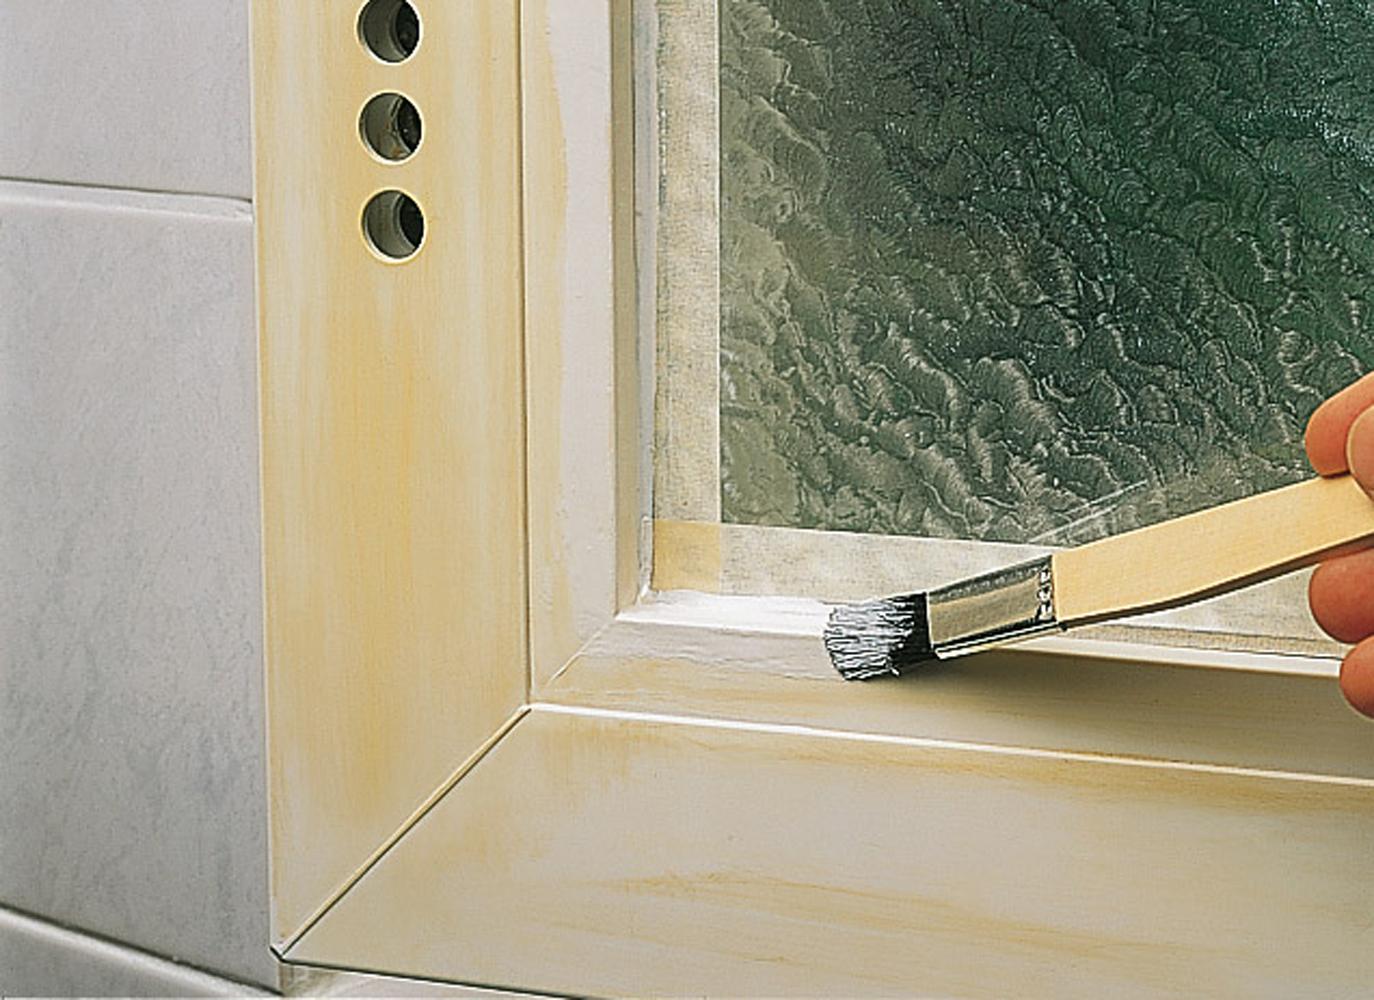 kunststofffenster lackieren, kunststofffenster lackieren, Design ideen